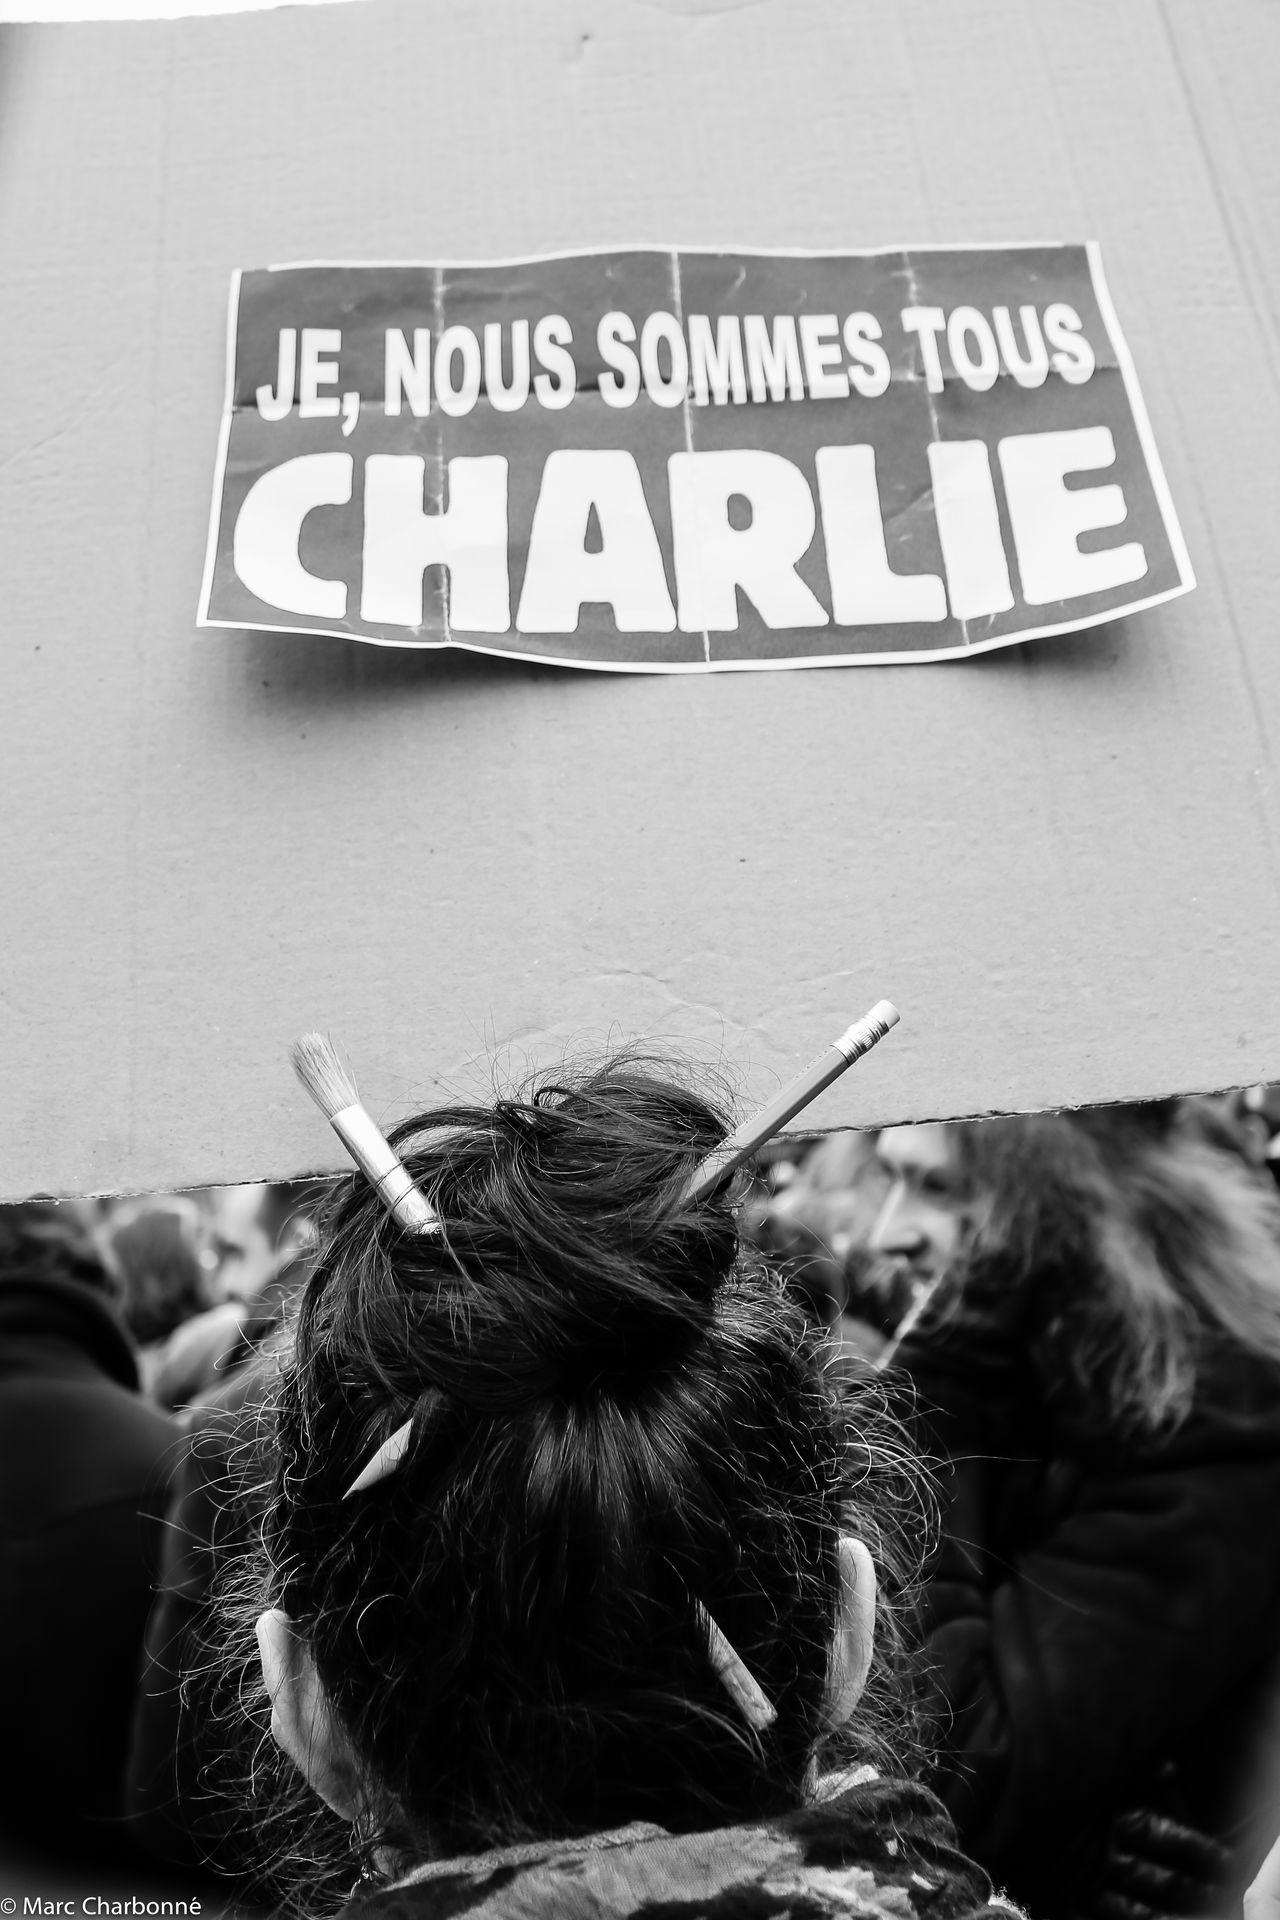 Attentat Attentat Paris Charlie Charliehebdo Communication Information Information Sign Manifestation Manifestation Contre Le Terrorisme Paris Sign Symbol Western Script